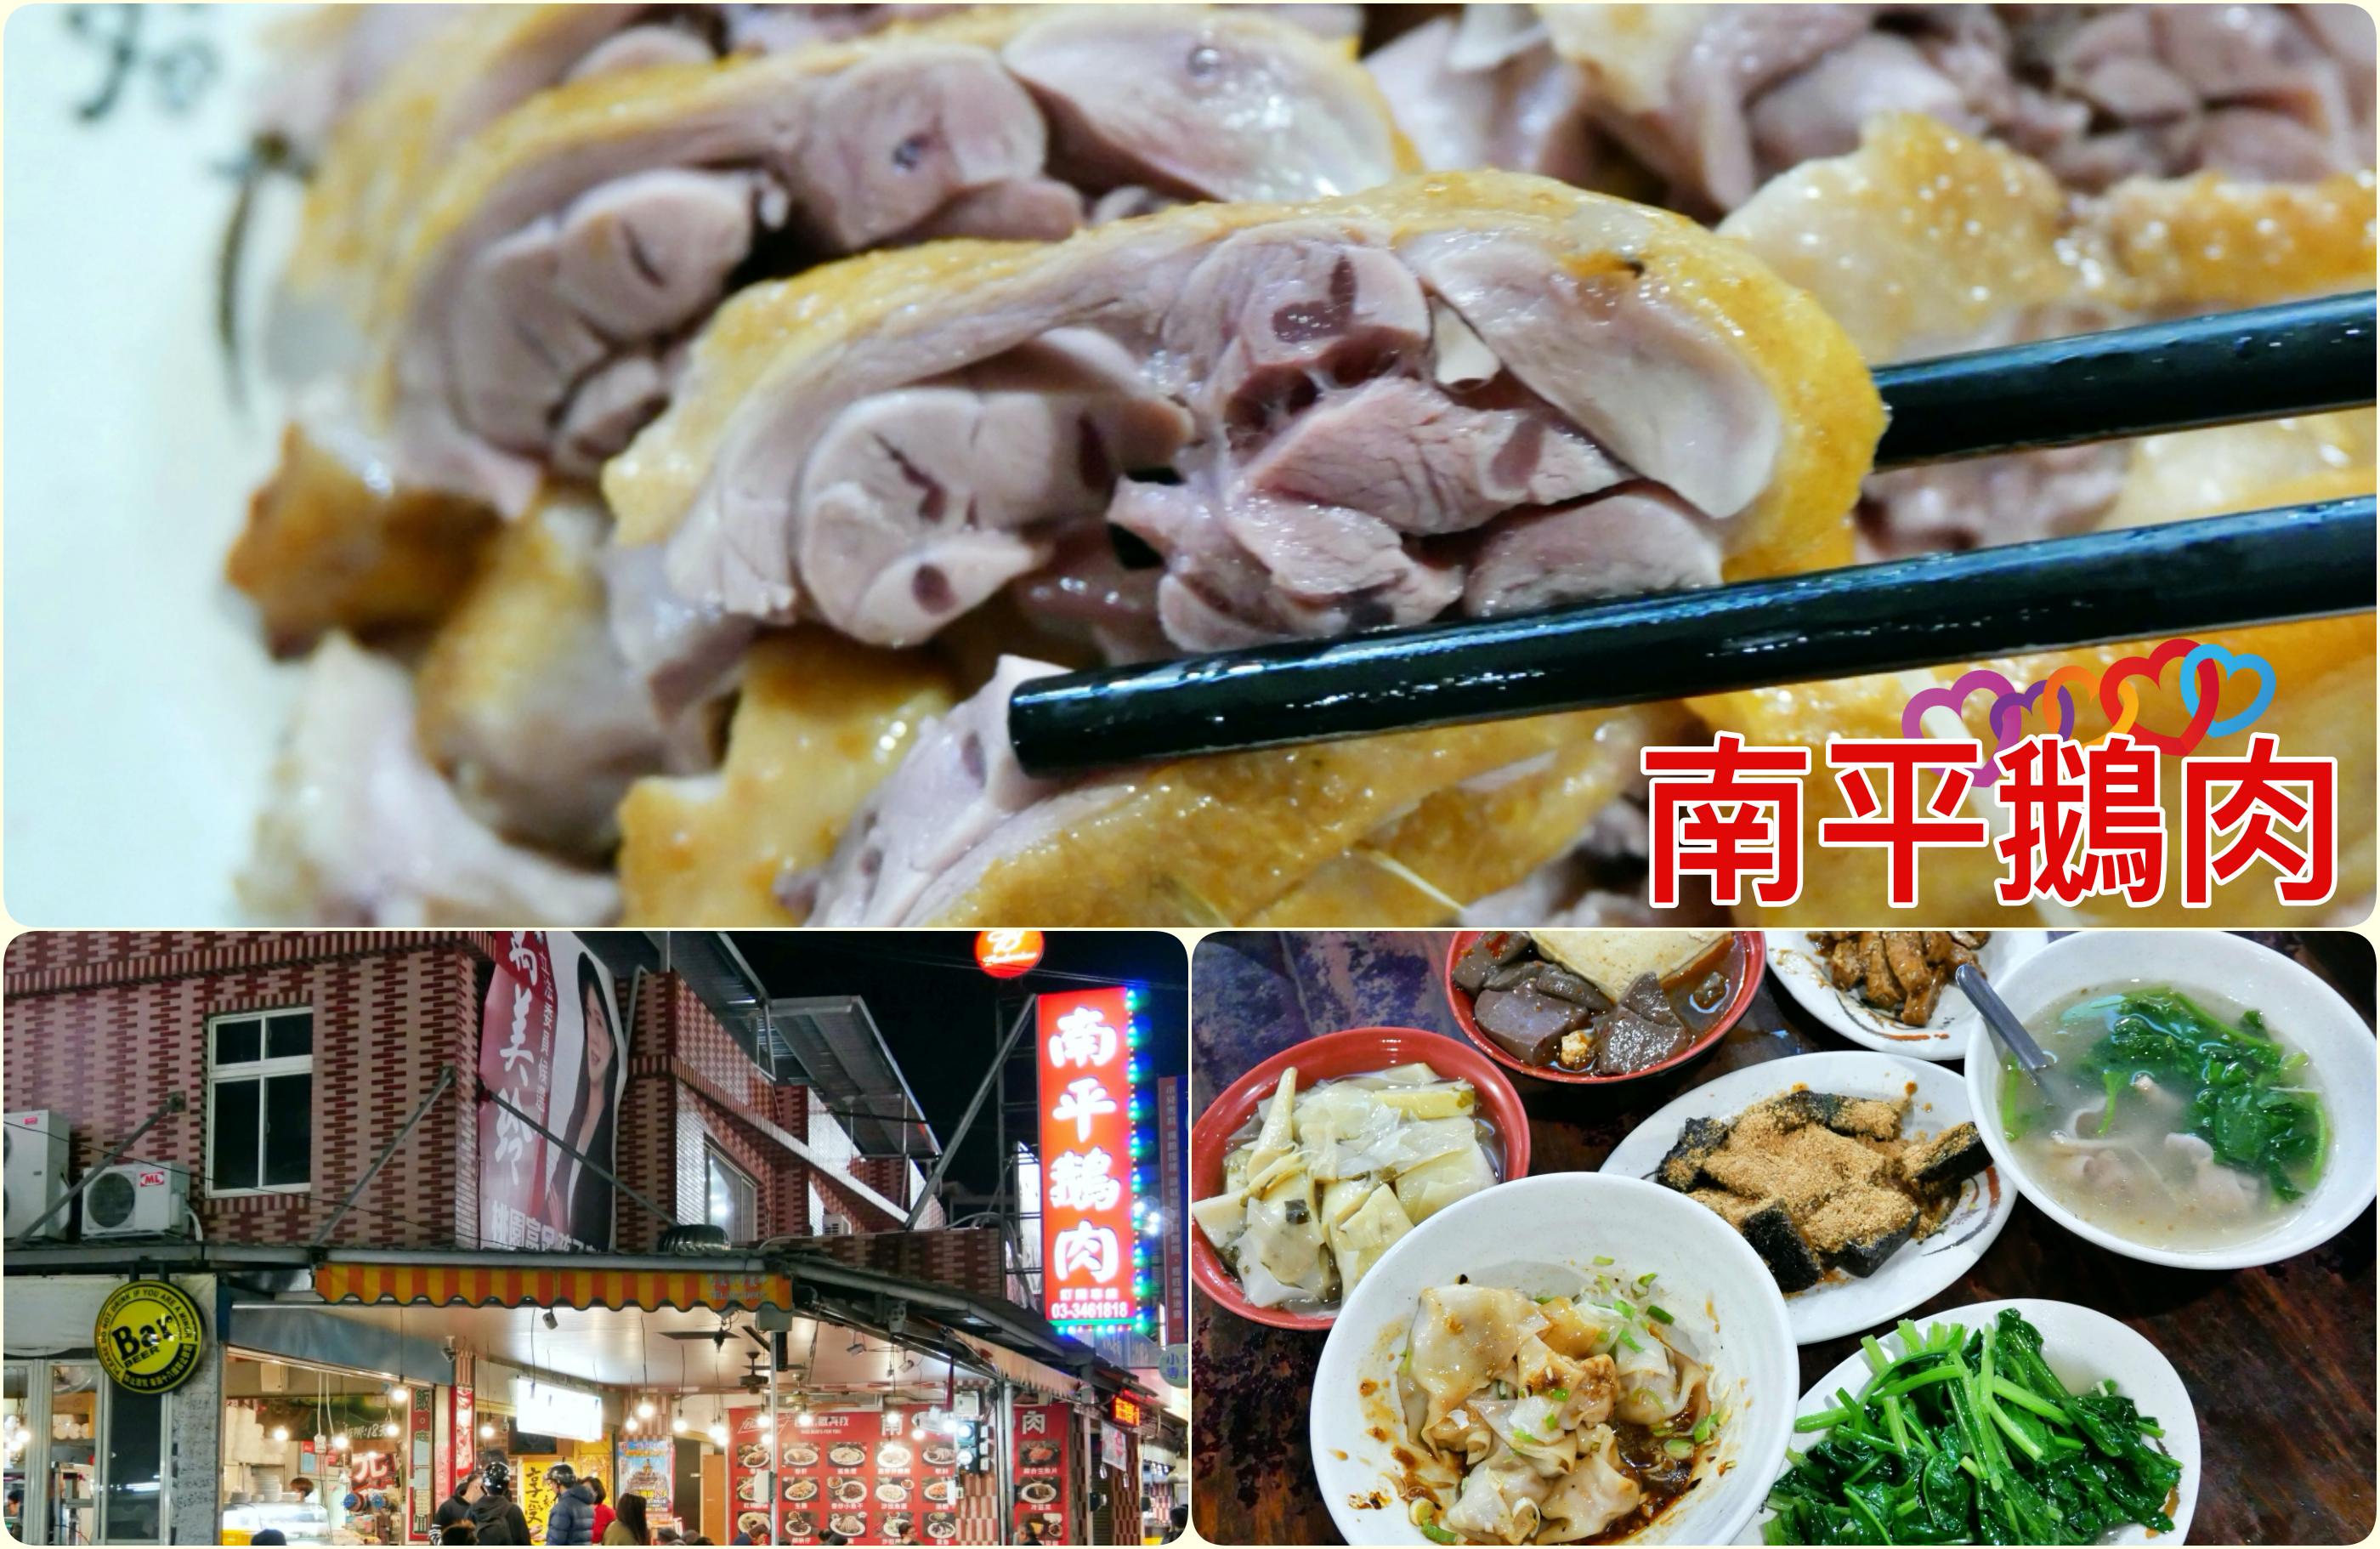 最新推播訊息:[桃園美食]南平鵝肉專賣店 藝文特區內在地人推薦必吃超人氣宵夜美食‧軟嫩多汁煙燻鵝肉、鵝腸湯、鵝血糕